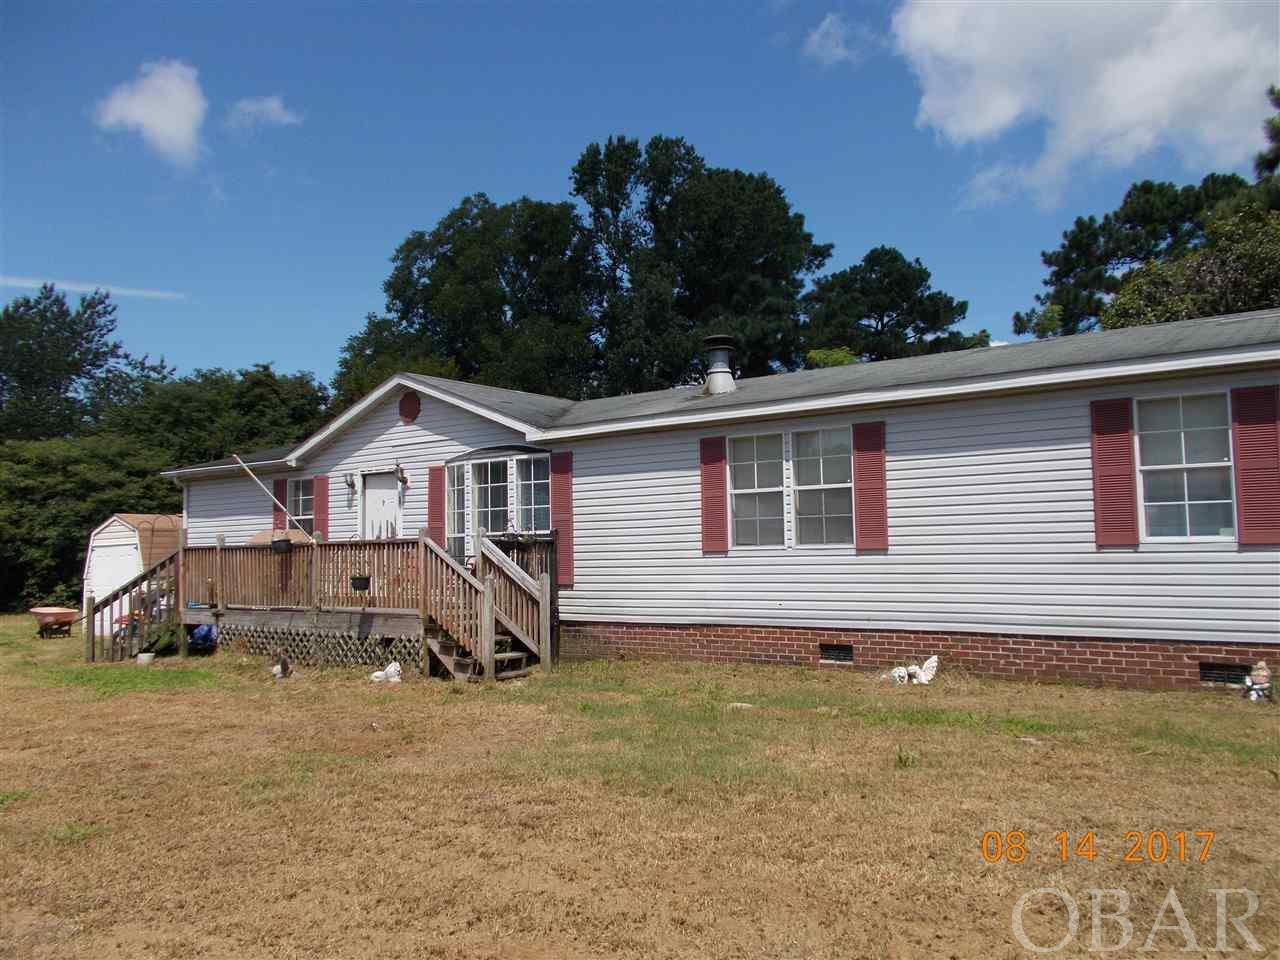 130 Larry Avenue,Grandy,NC 27939,4 Bedrooms Bedrooms,2 BathroomsBathrooms,Residential,Larry Avenue,97489